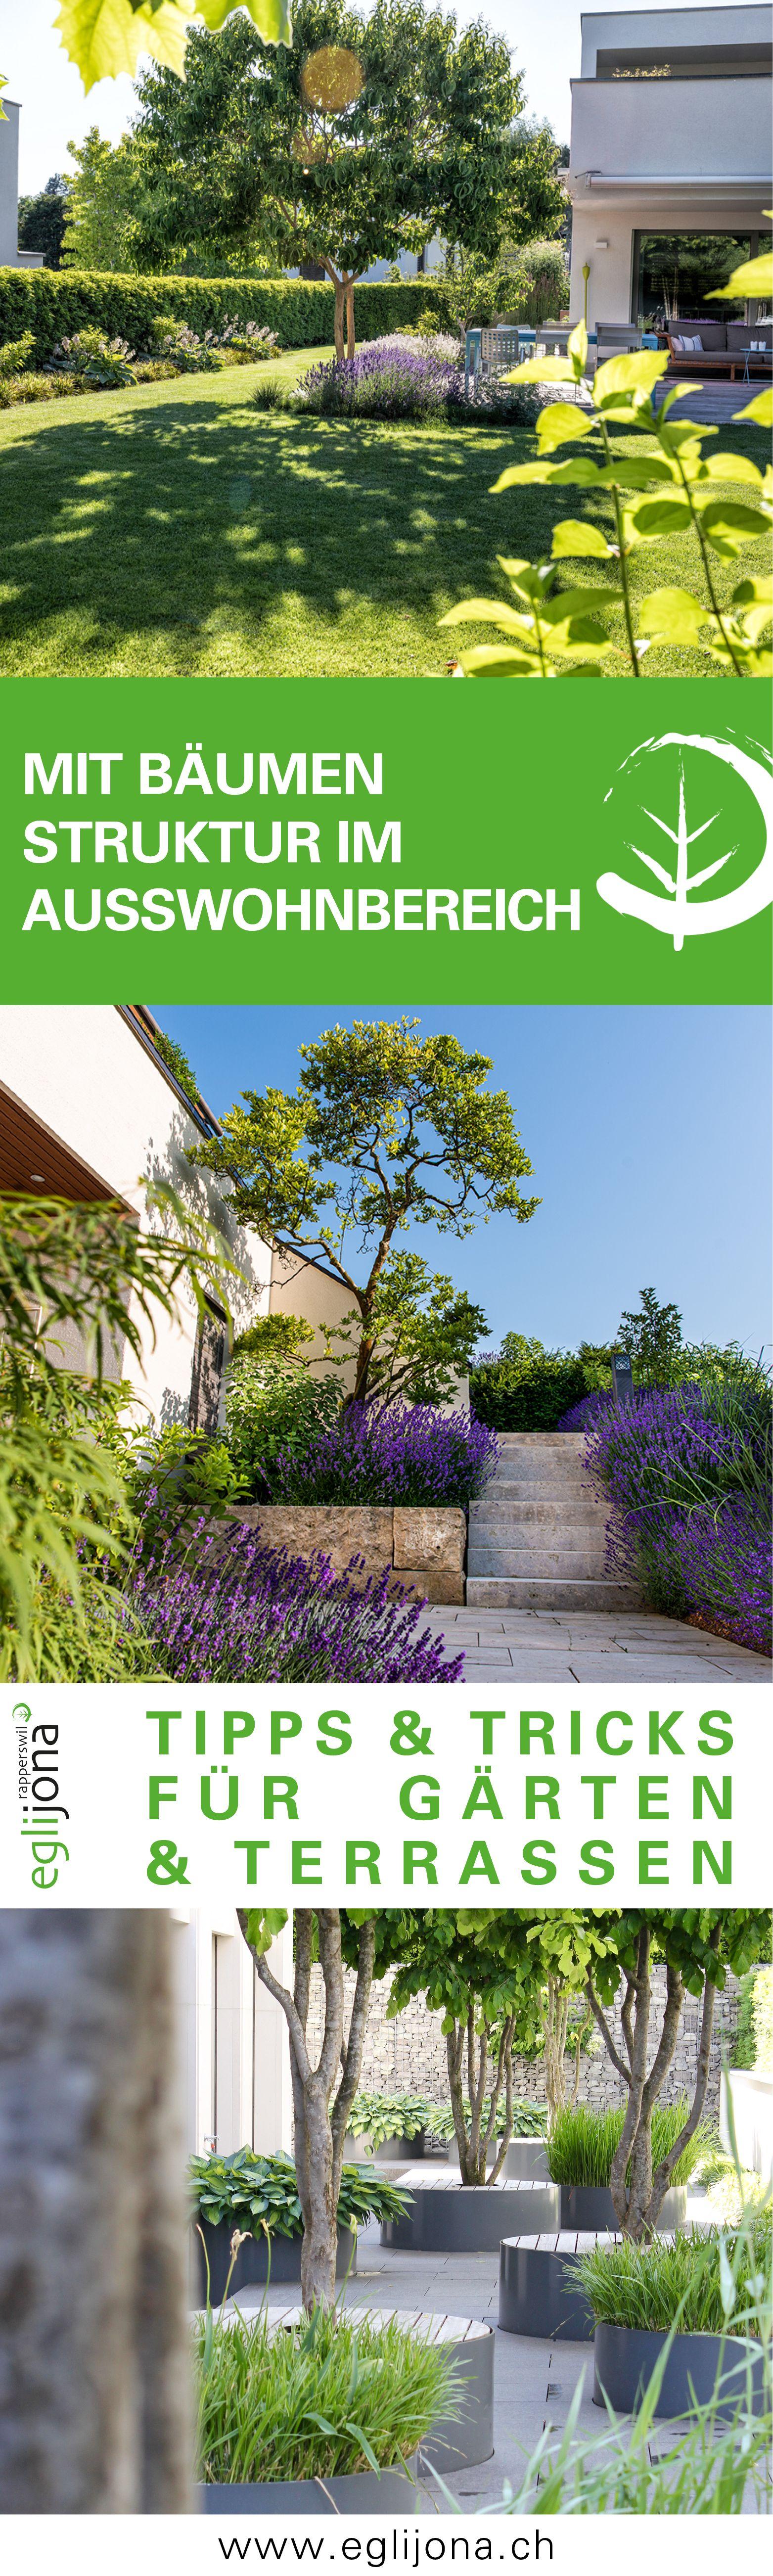 Baume Sorgen Fur Struktur Im Garten Auf Der Terrasse In 2020 Garten Garten Terrasse Blutenfarben